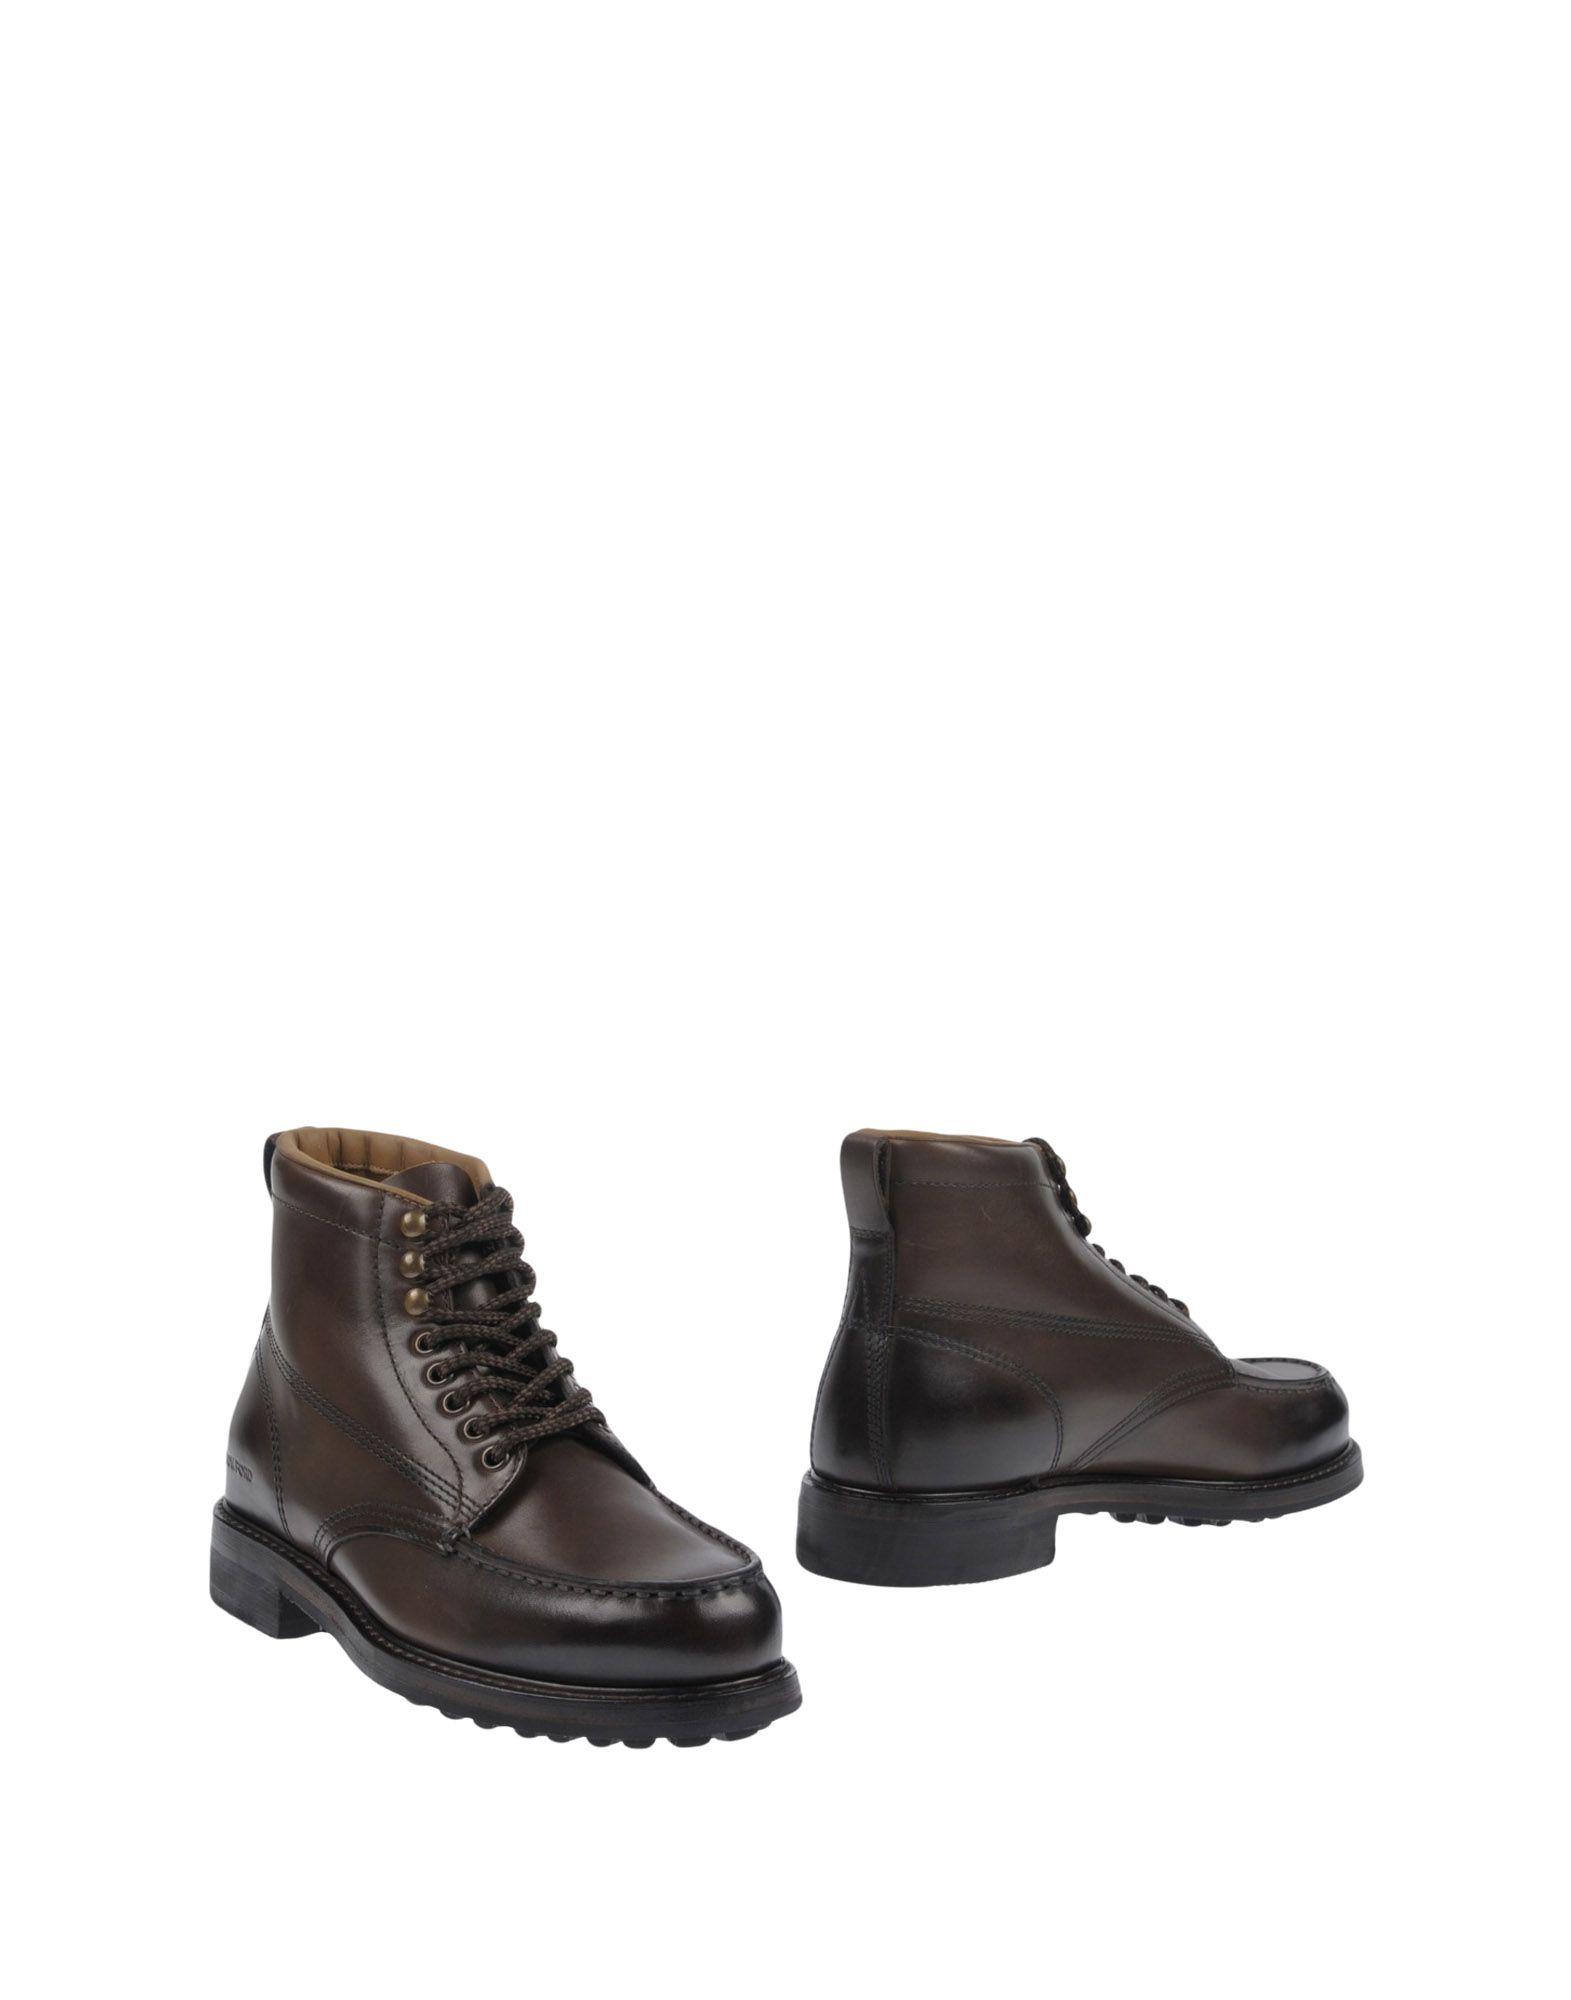 Tom Ford Stiefelette Qualität Herren  11450042GM Gute Qualität Stiefelette beliebte Schuhe c76ad4